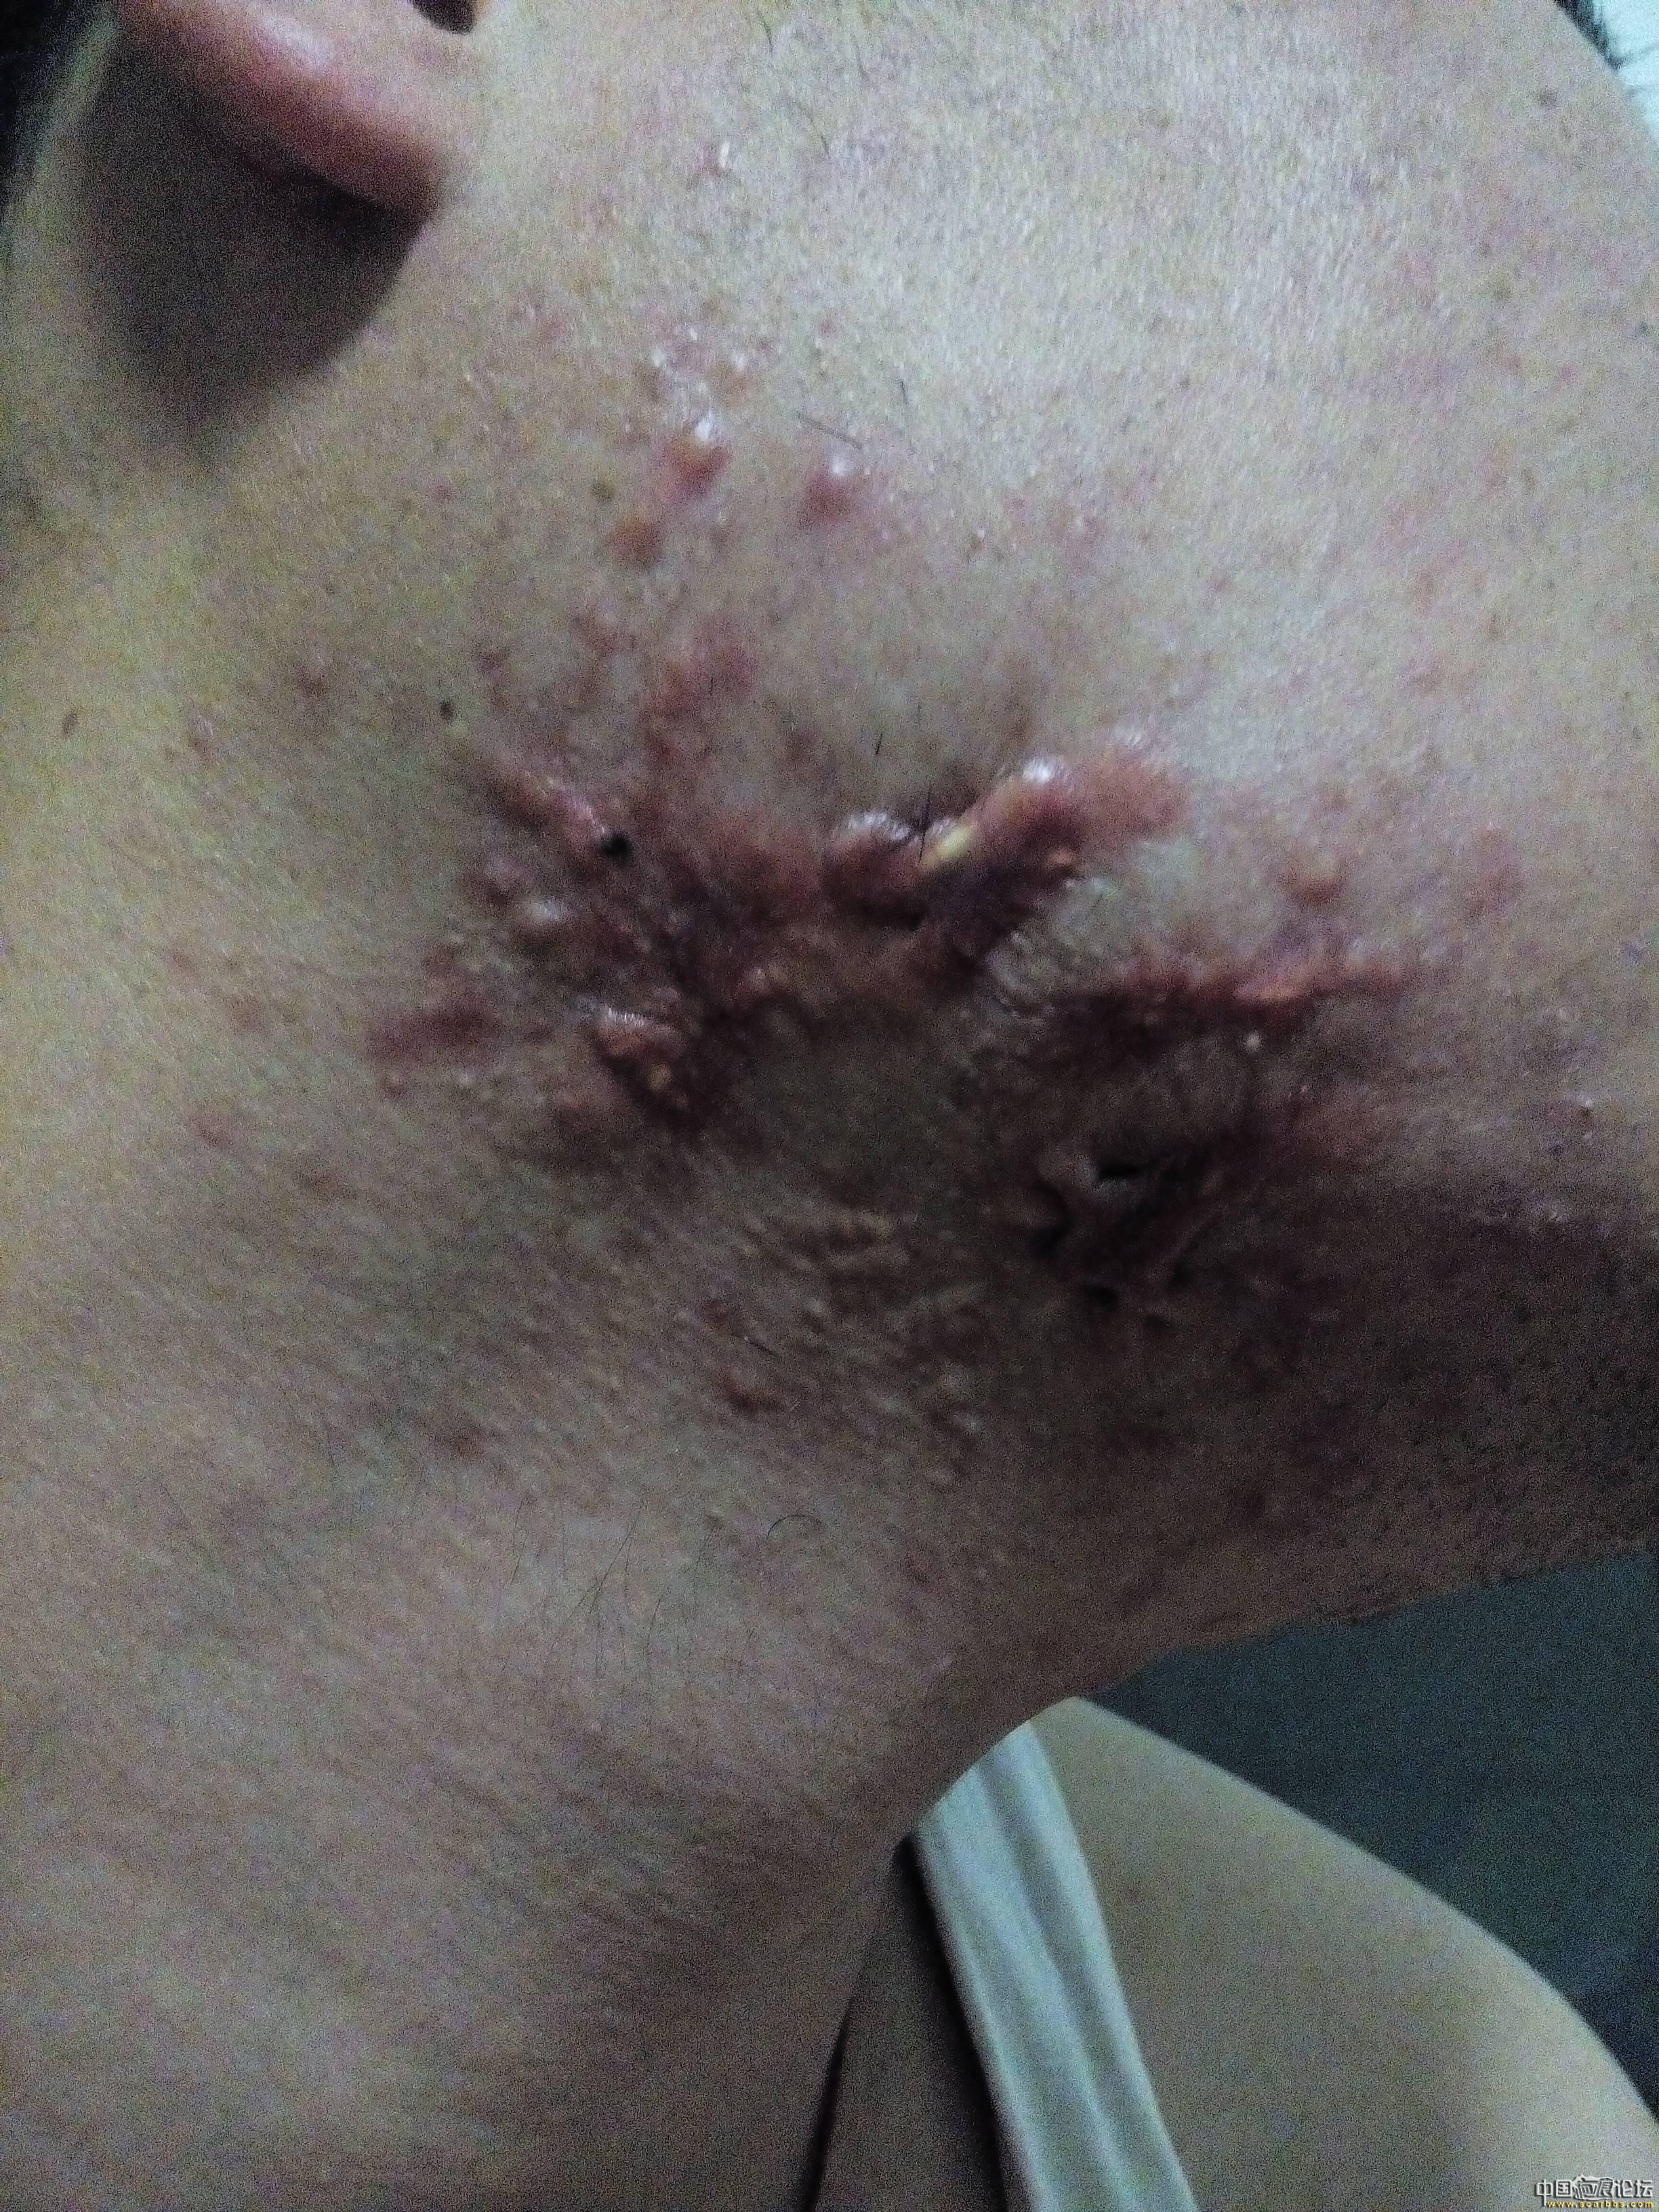 陪伴4年的腮部疤痕疙瘩治疗效果分享49-疤痕体质图片_疤痕疙瘩图片-中国疤痕论坛